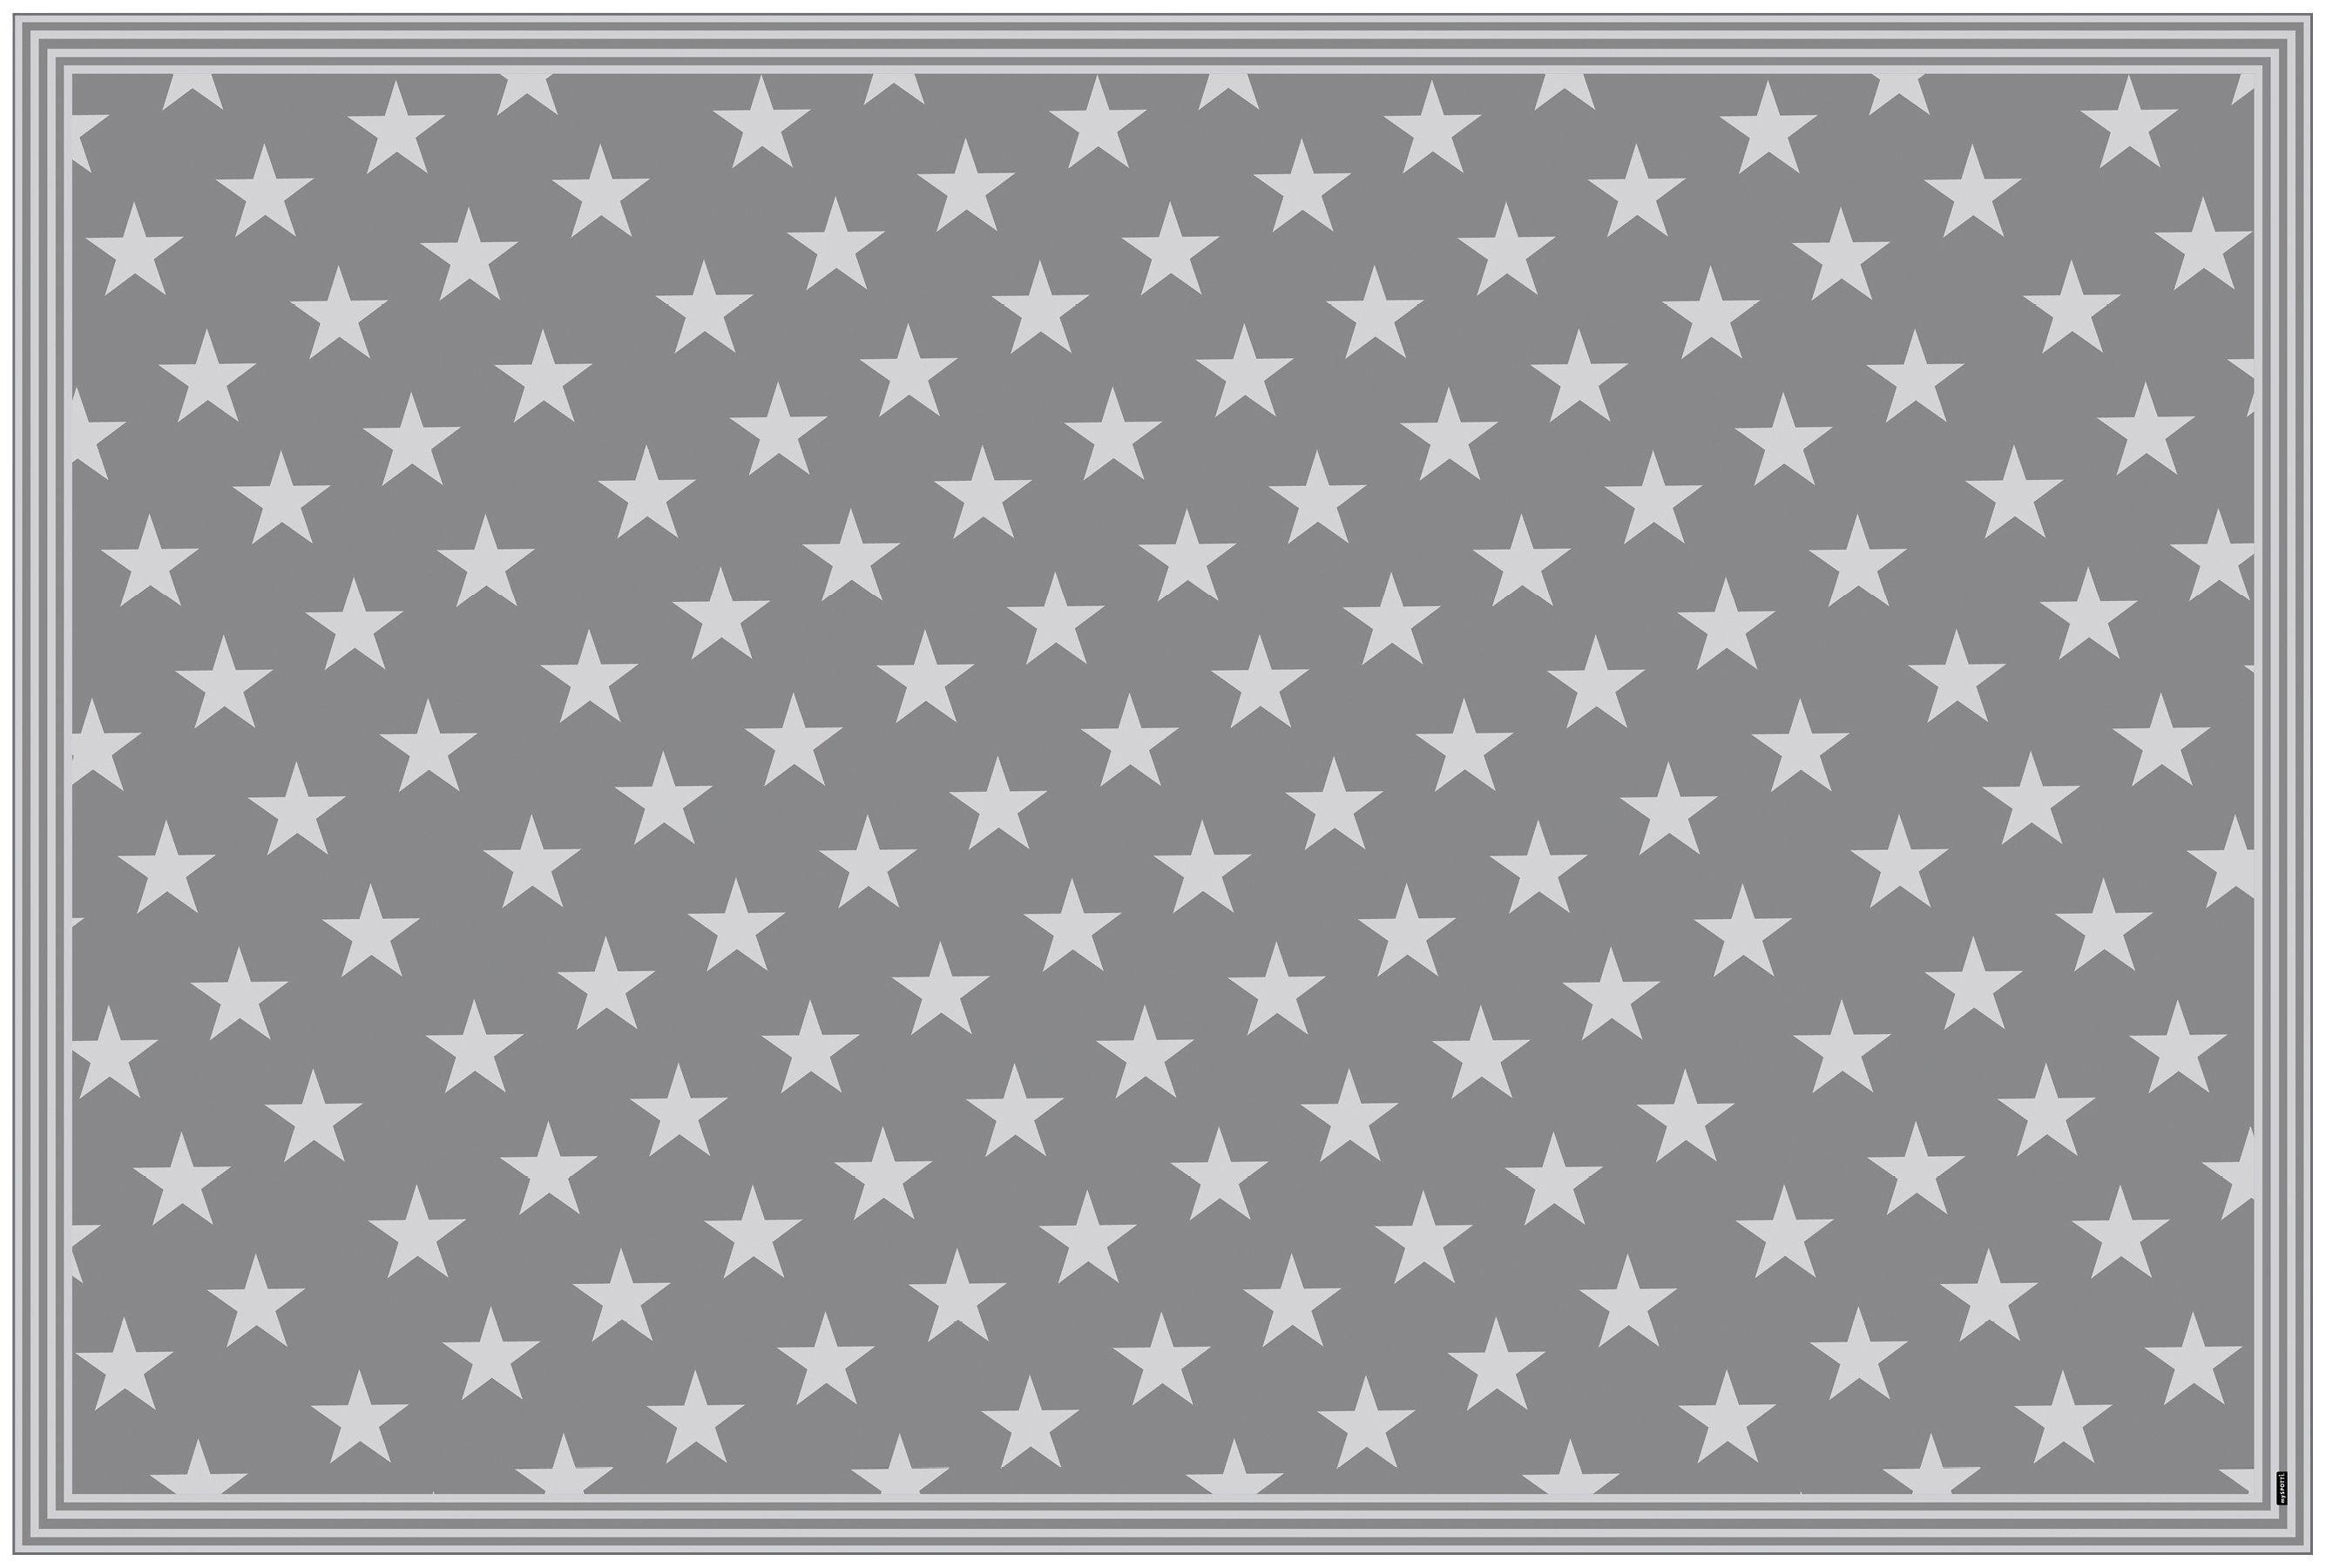 MYSPOTTI Vinylteppich »mySPOTTI buddy Mini Star Grey«, 203 x 136 cm, statisch haftend